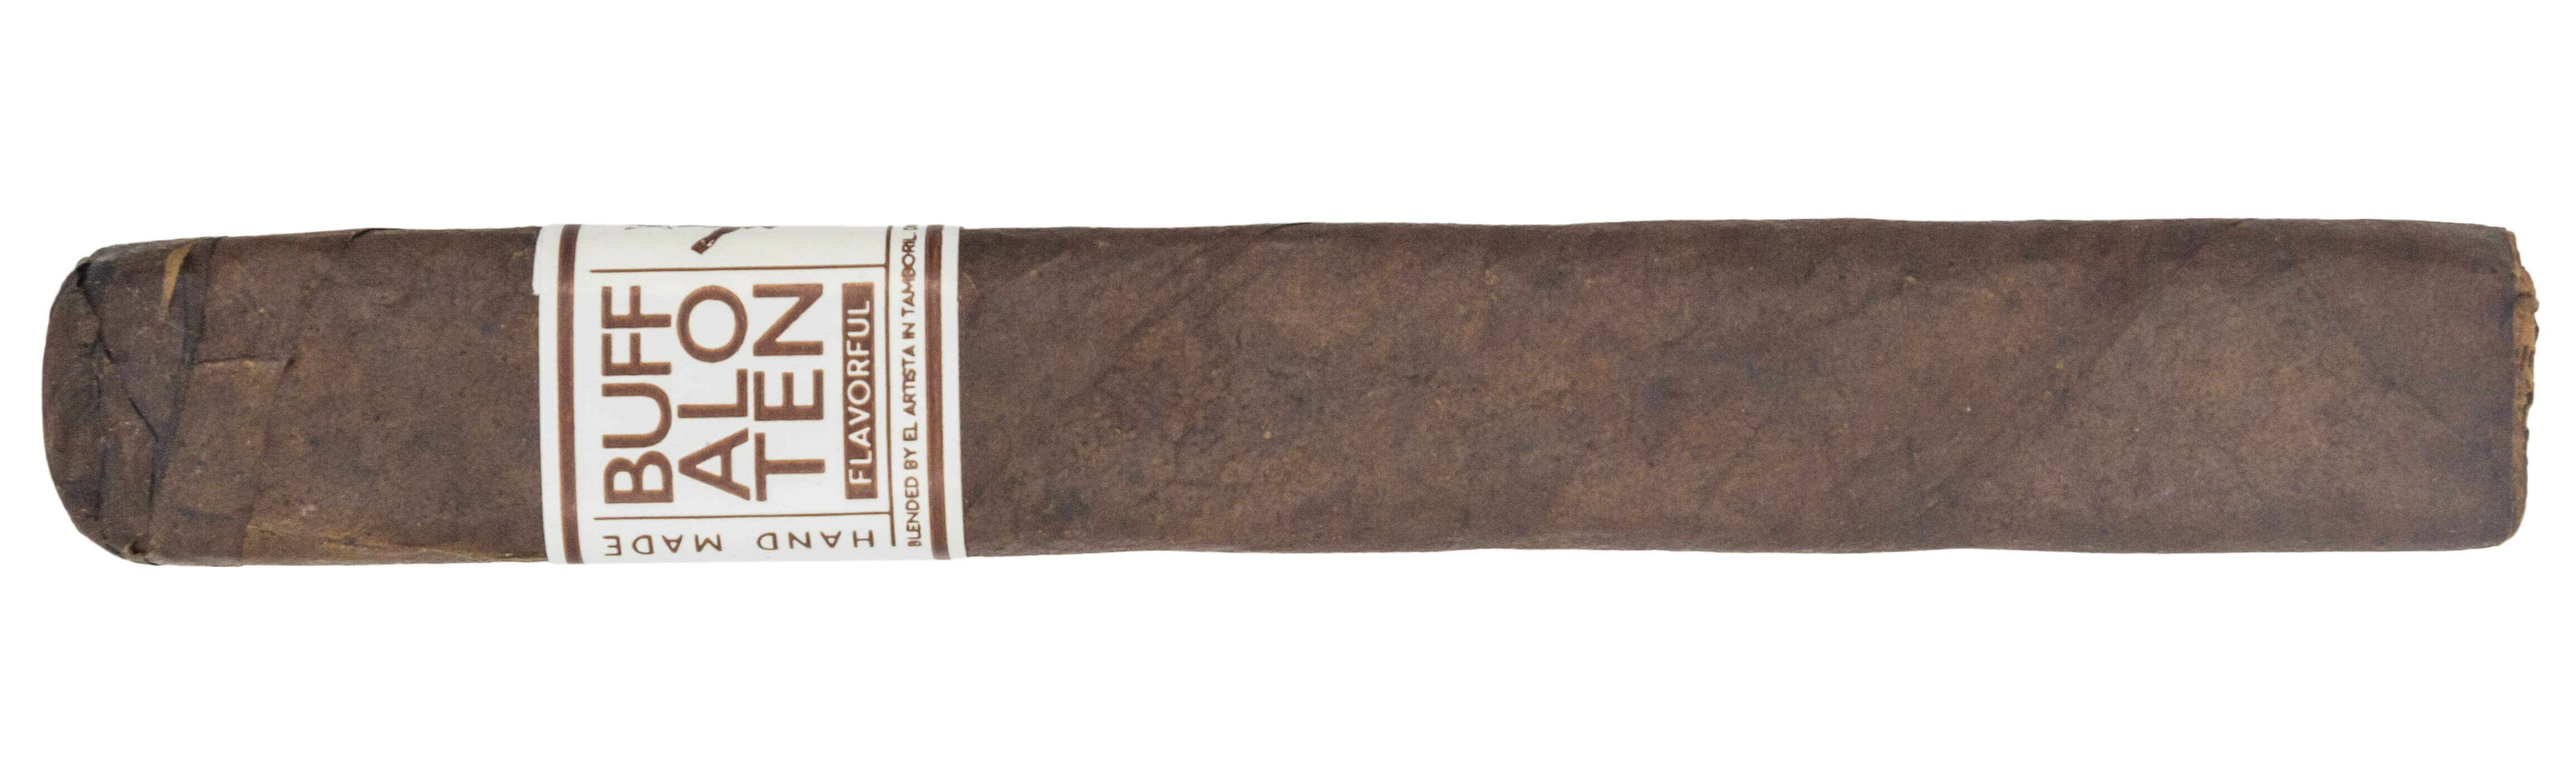 Blind Cigar Review: El Artista | Buffalo Ten